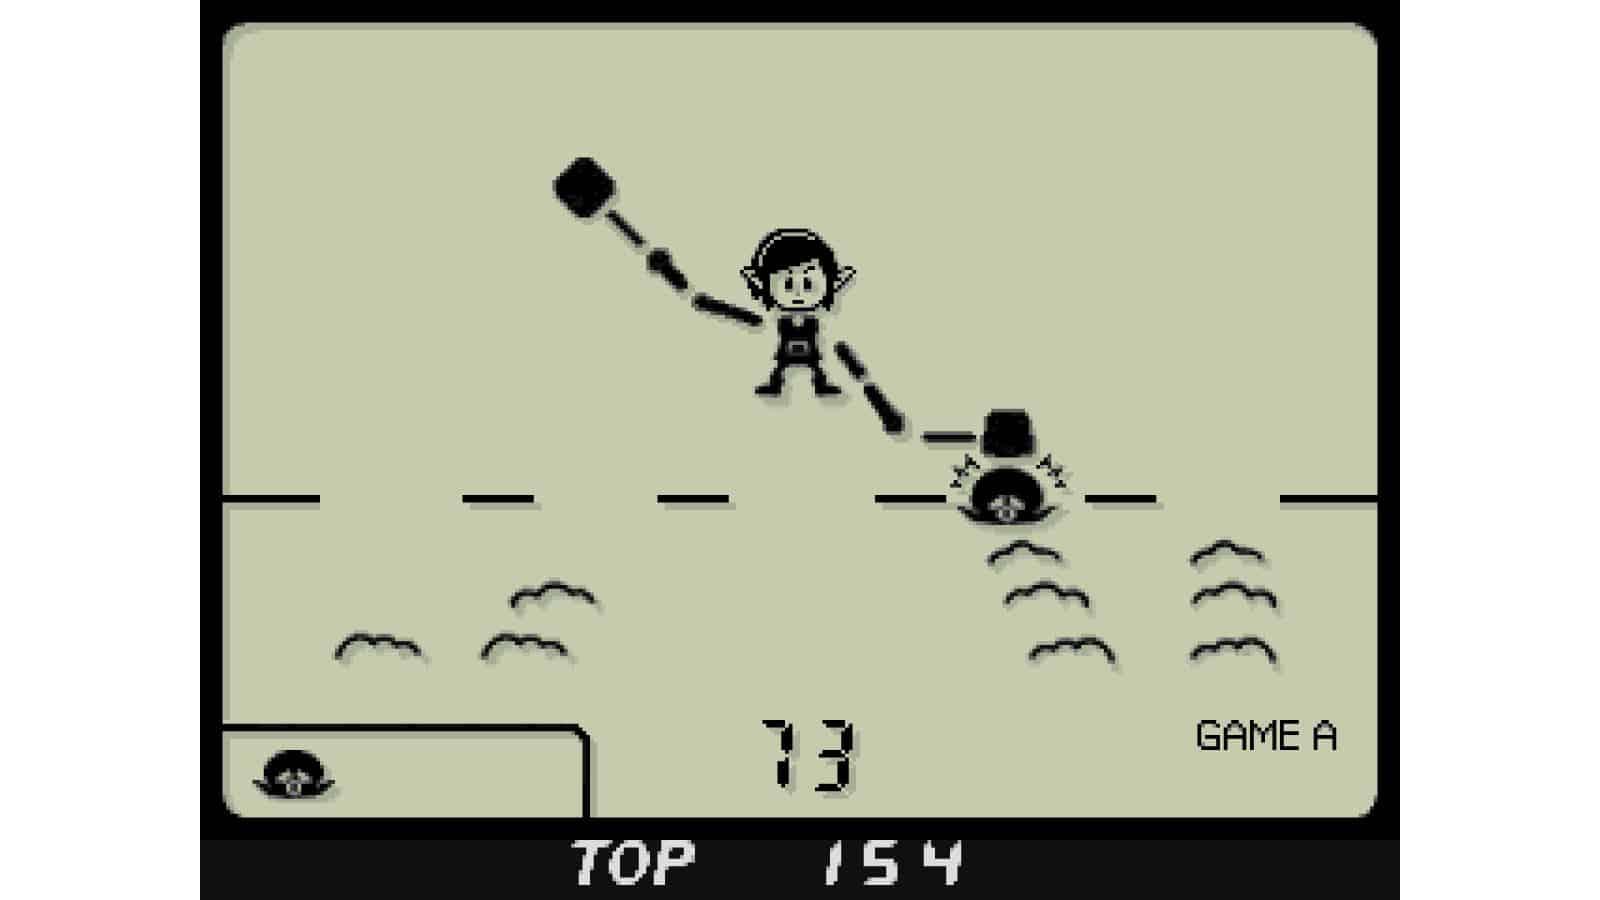 צילום מסך 4 לקונסולת Game & Watch: The Legend of Zelda לינק מכה בחפרפרת במשחק